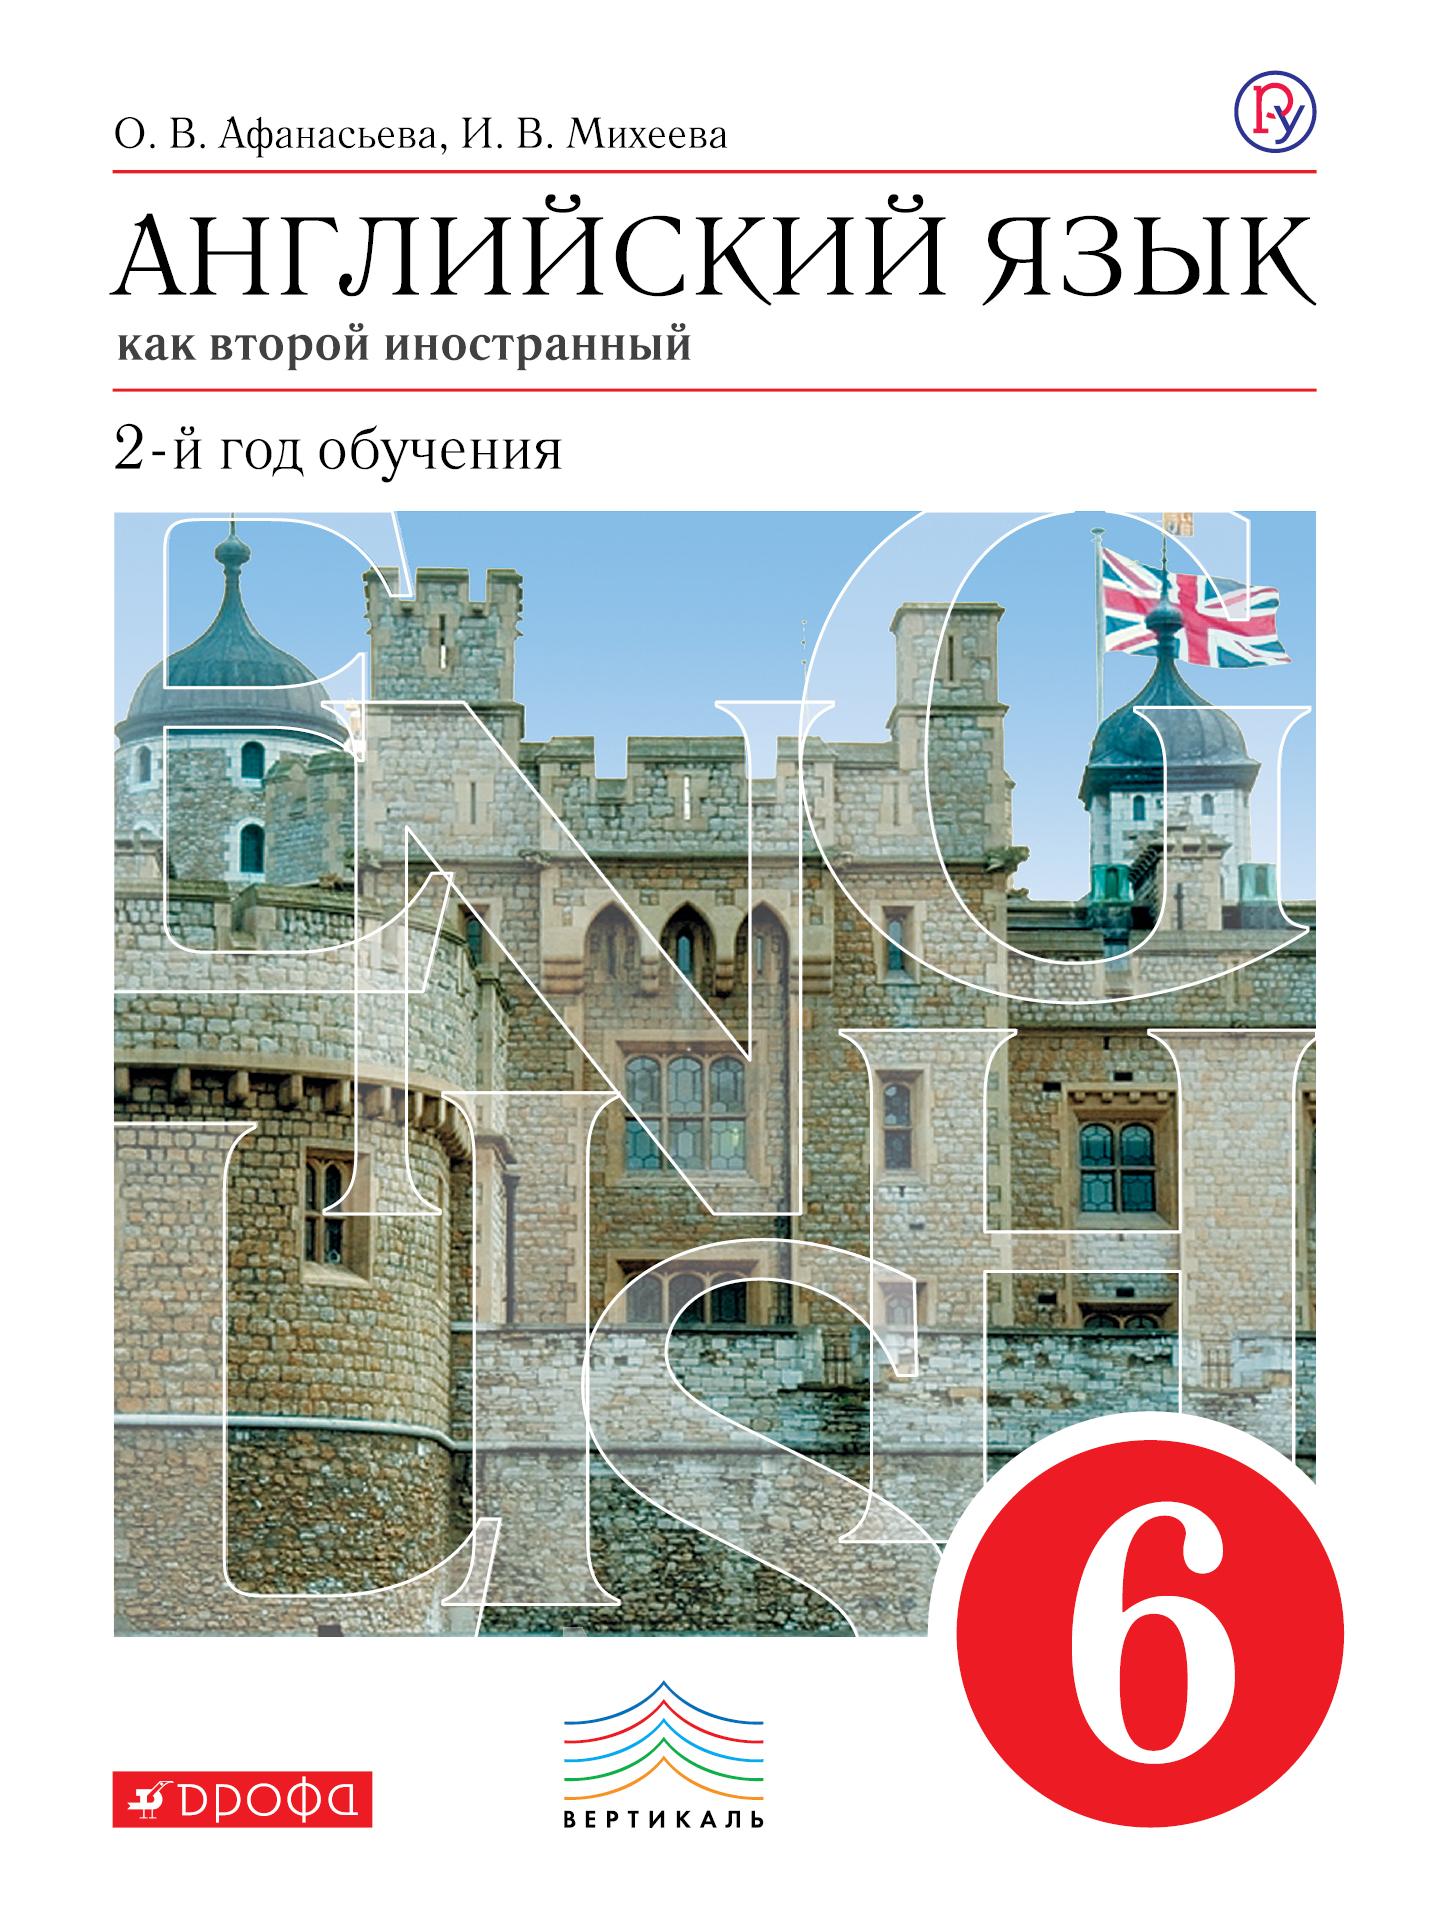 О. В. Афанасьева, И. В. Михеева Английский язык как второй иностранный. Второй год обучения. 6 класс. Учебник